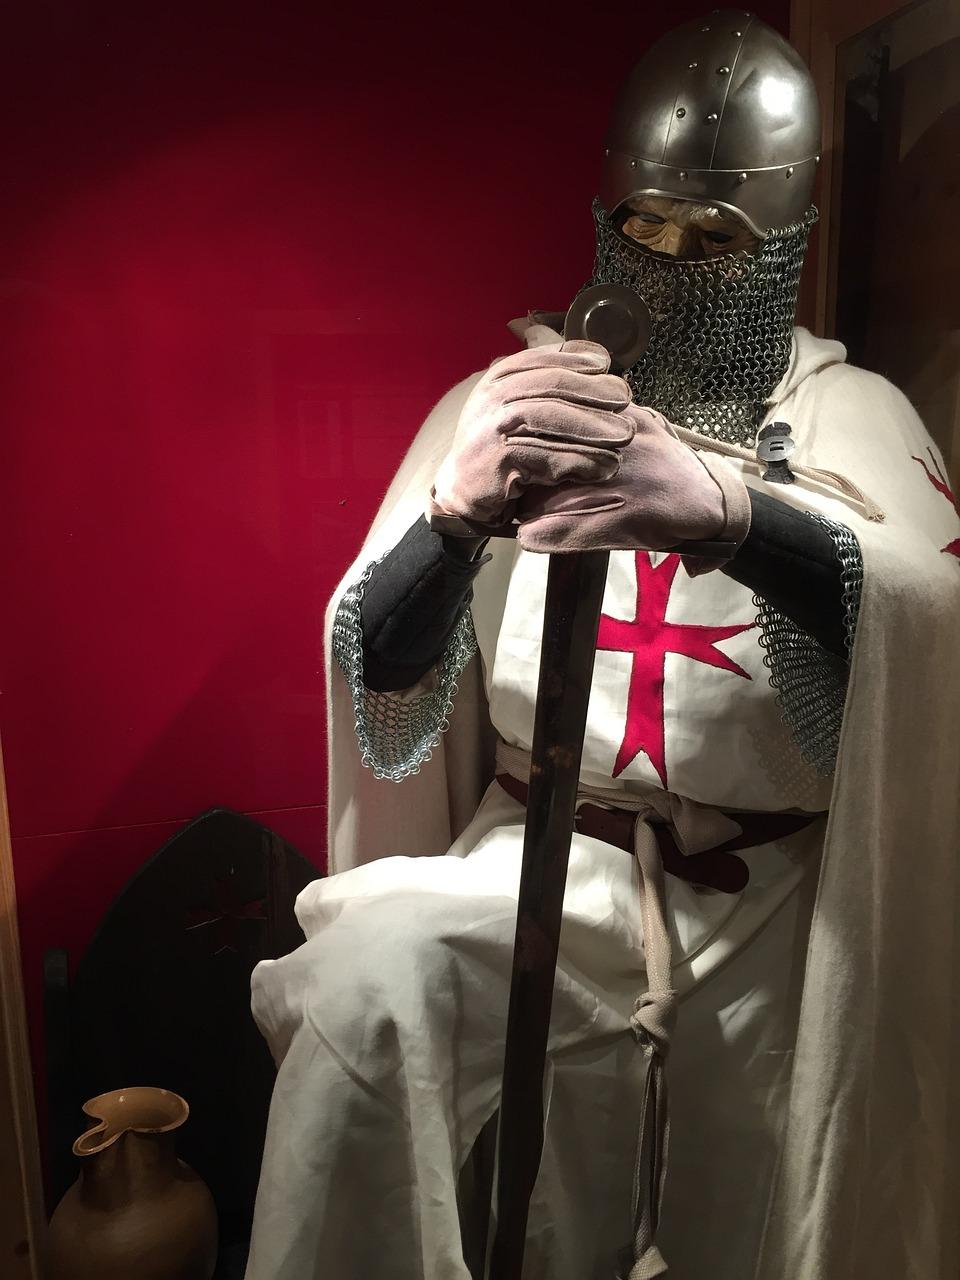 плохо, фотографии рыцарей крестоносцев течёт, всё меняется